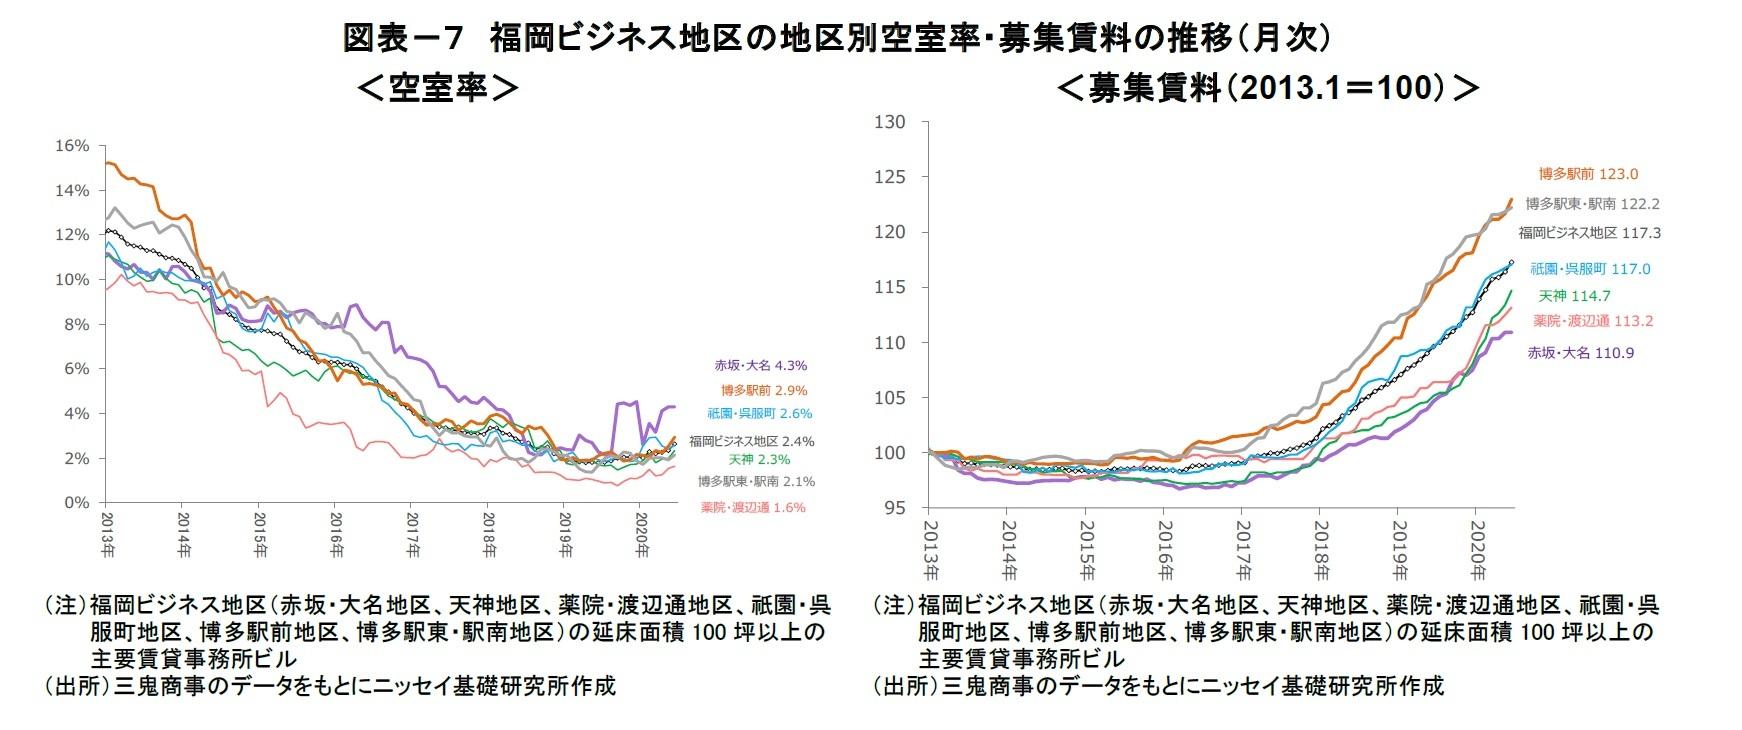 図表-7 福岡ビジネス地区の地区別空室率・募集賃料の推移(月次)